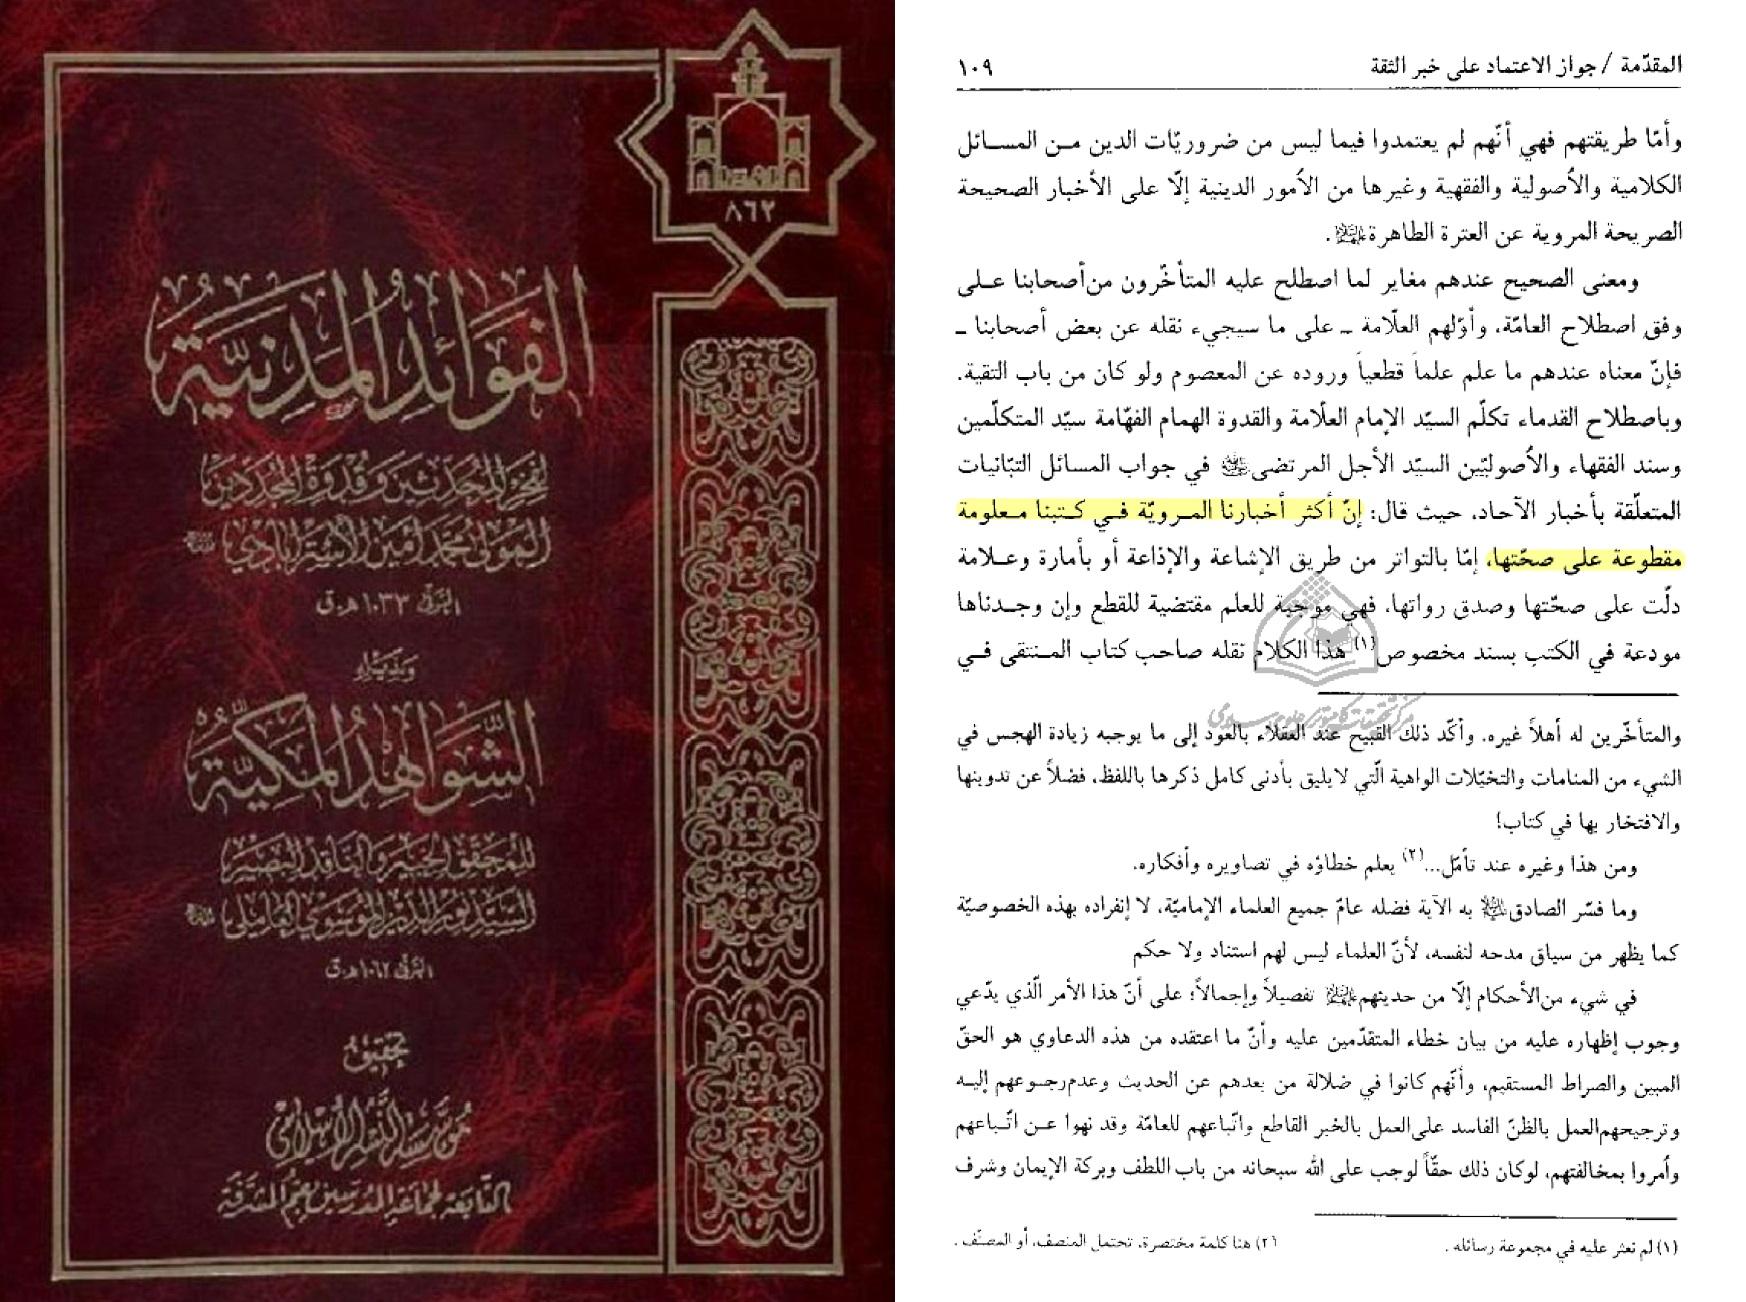 fawa2ed-e-madaniyyah-s-109